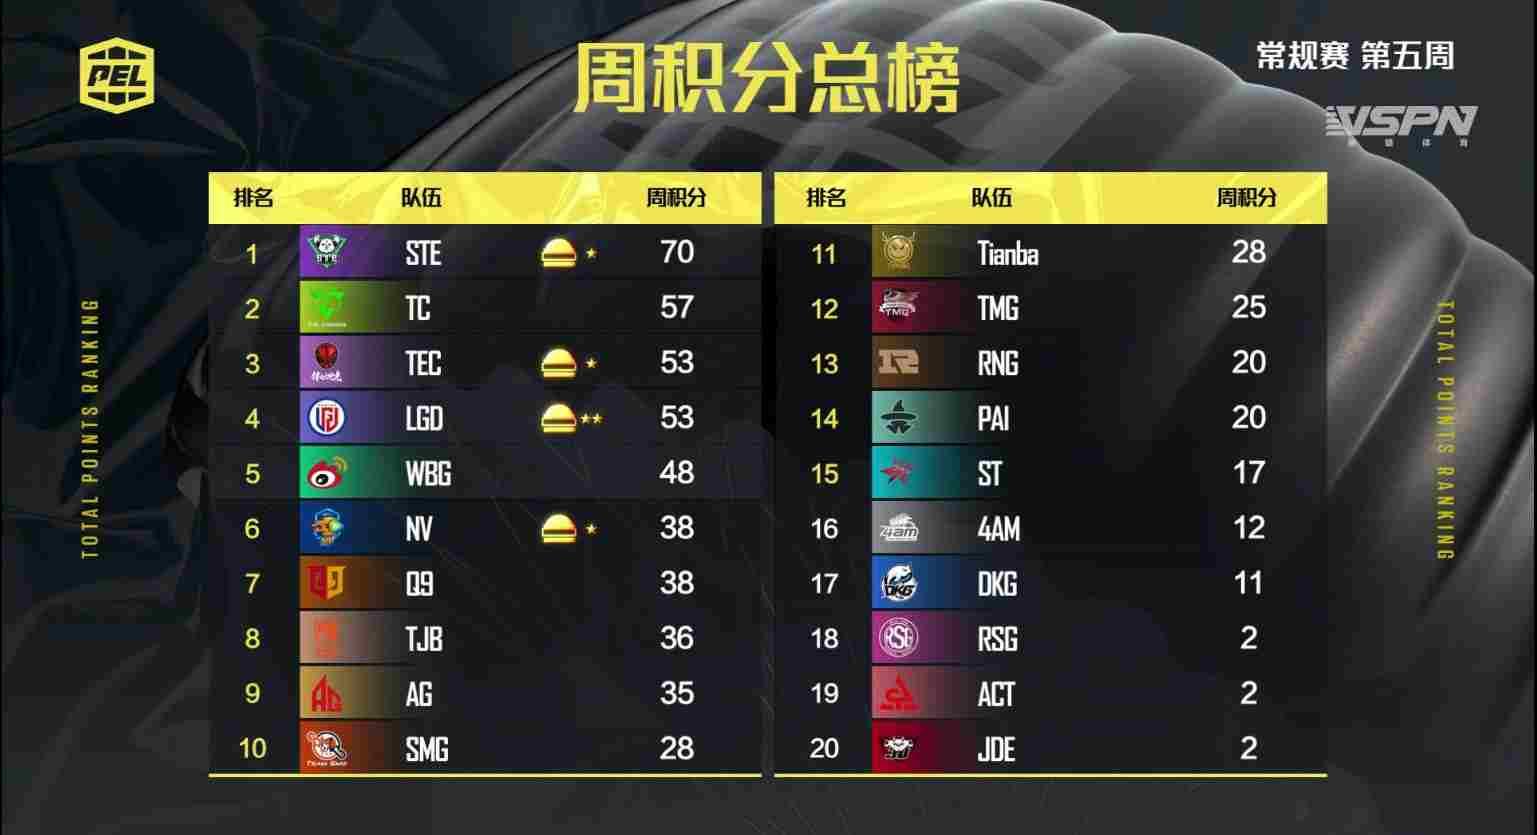 PEL 2021 Season 1 Week 5: Overall Standings